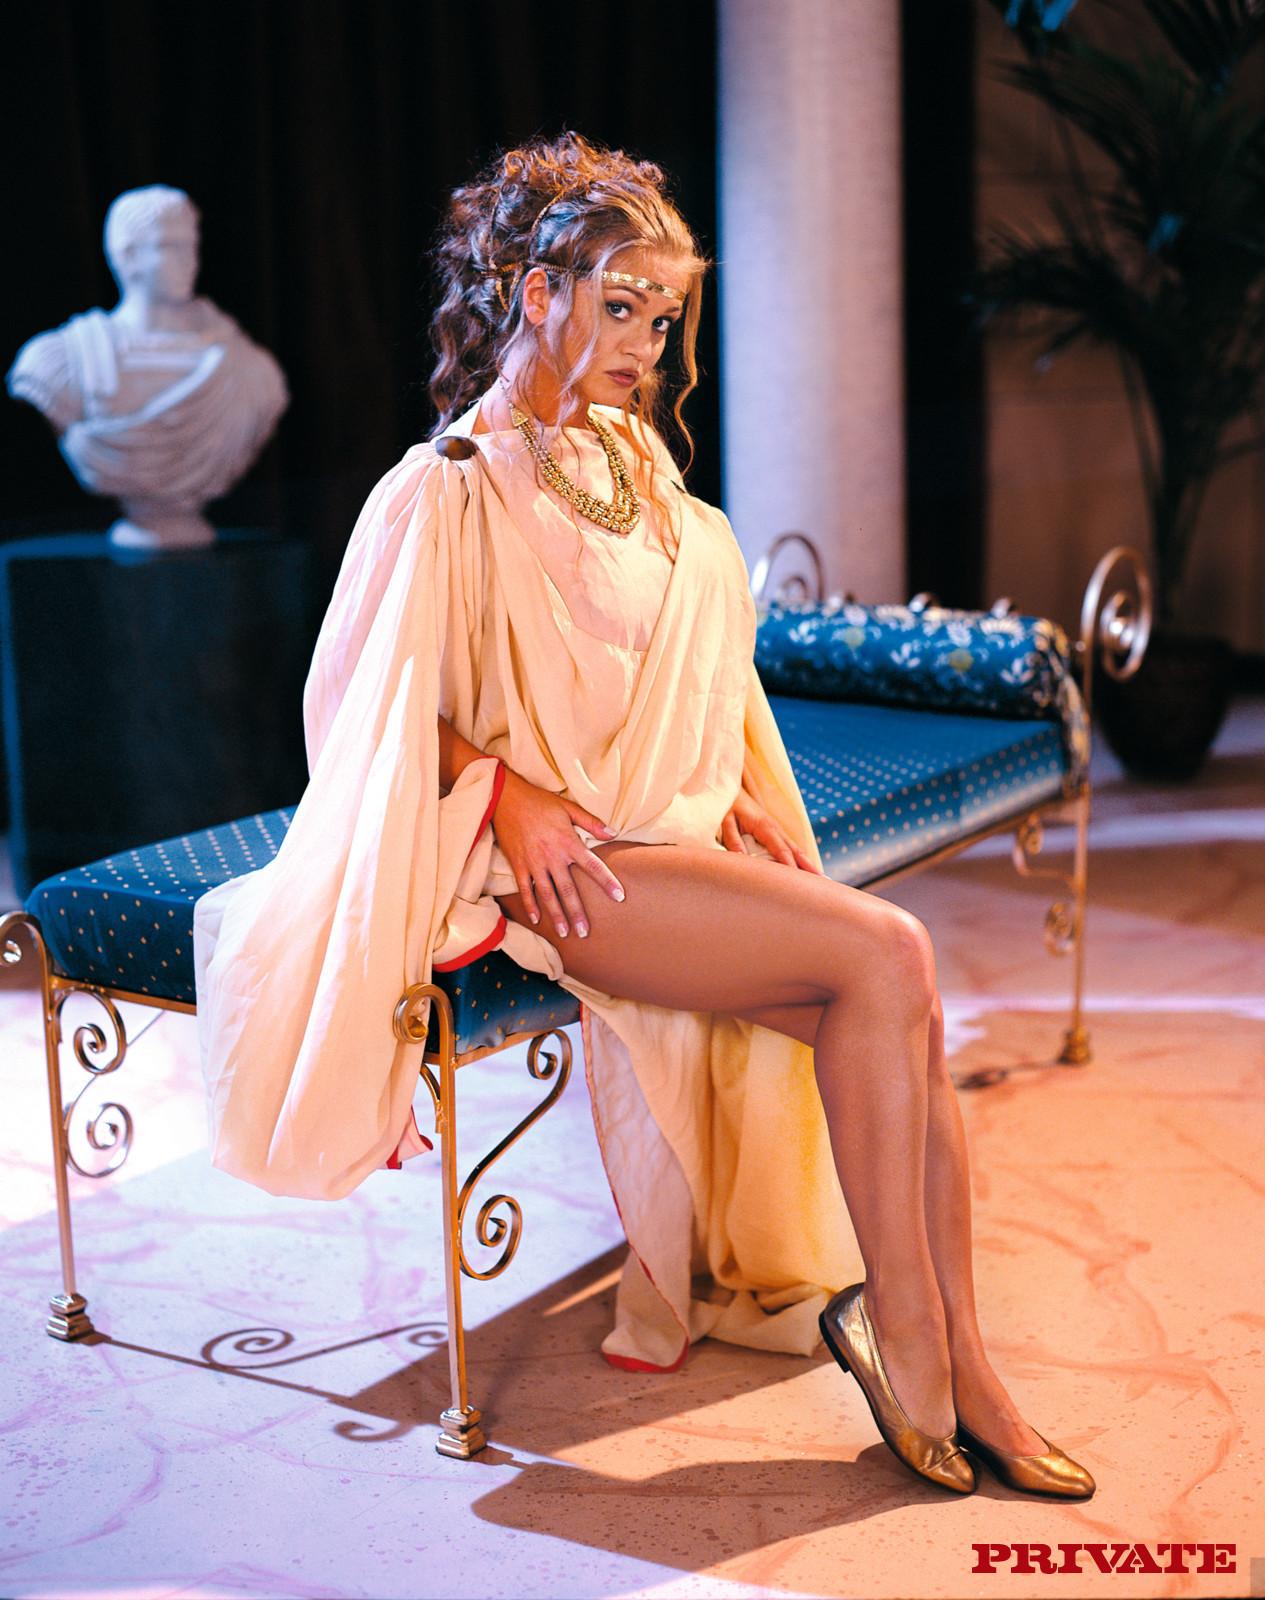 Смотреть порно с афродитой богини красоты 15 фотография